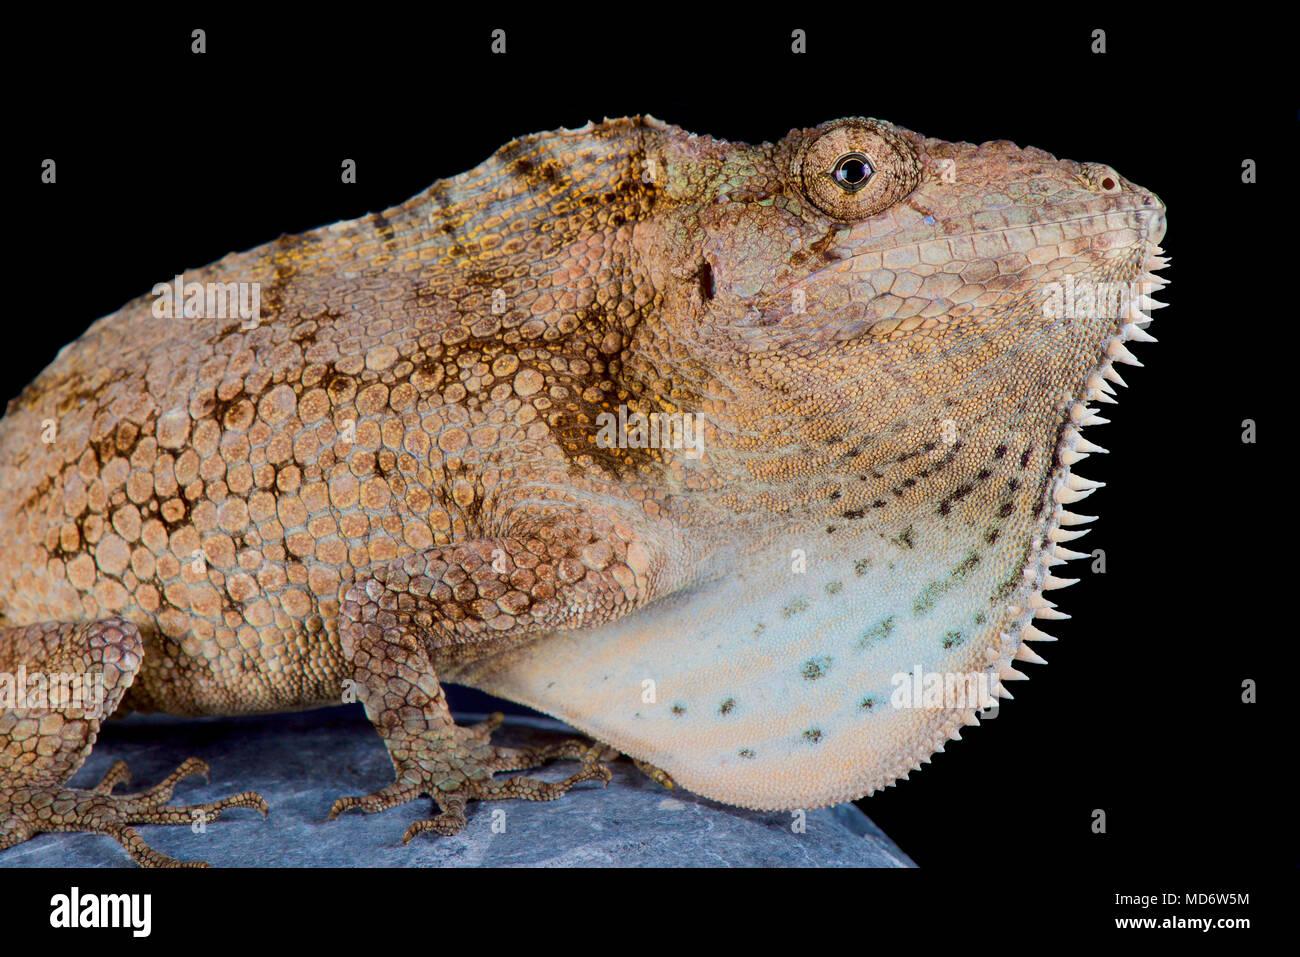 Die Kubanische riesigen BARTGEIER (anole Anolis Barbatus) ist ein Riese, kryptische anolis Arten endemisch auf Kuba. Dabei handelt es sich um spezialisierte Schnecke Esser. Stockbild